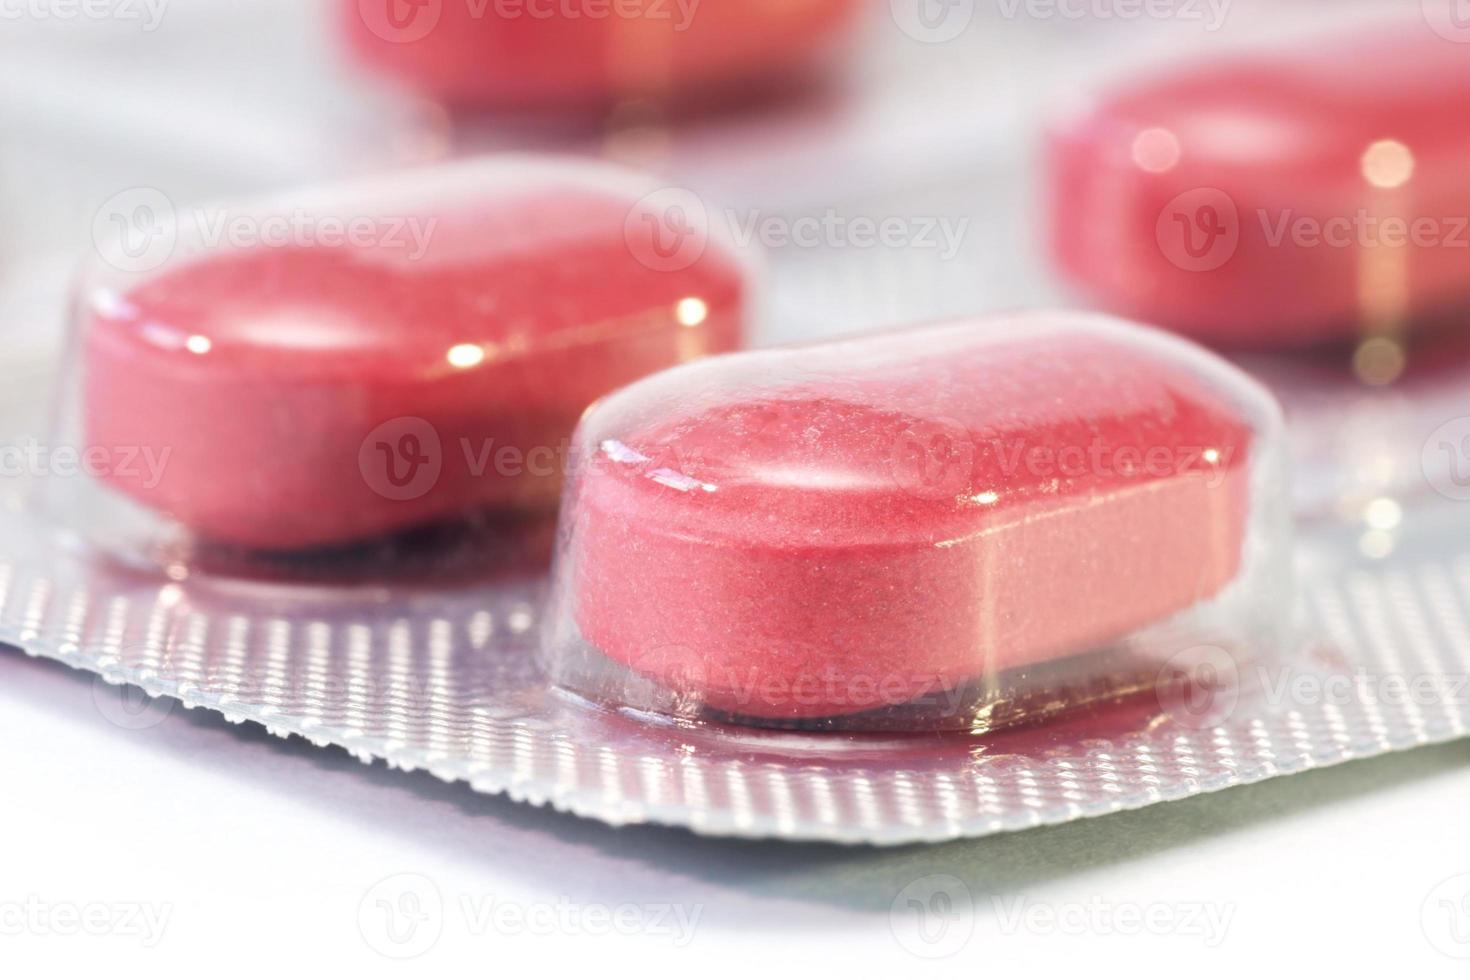 pillen, capsules op witte achtergrond, apotheek, geneeskunde foto